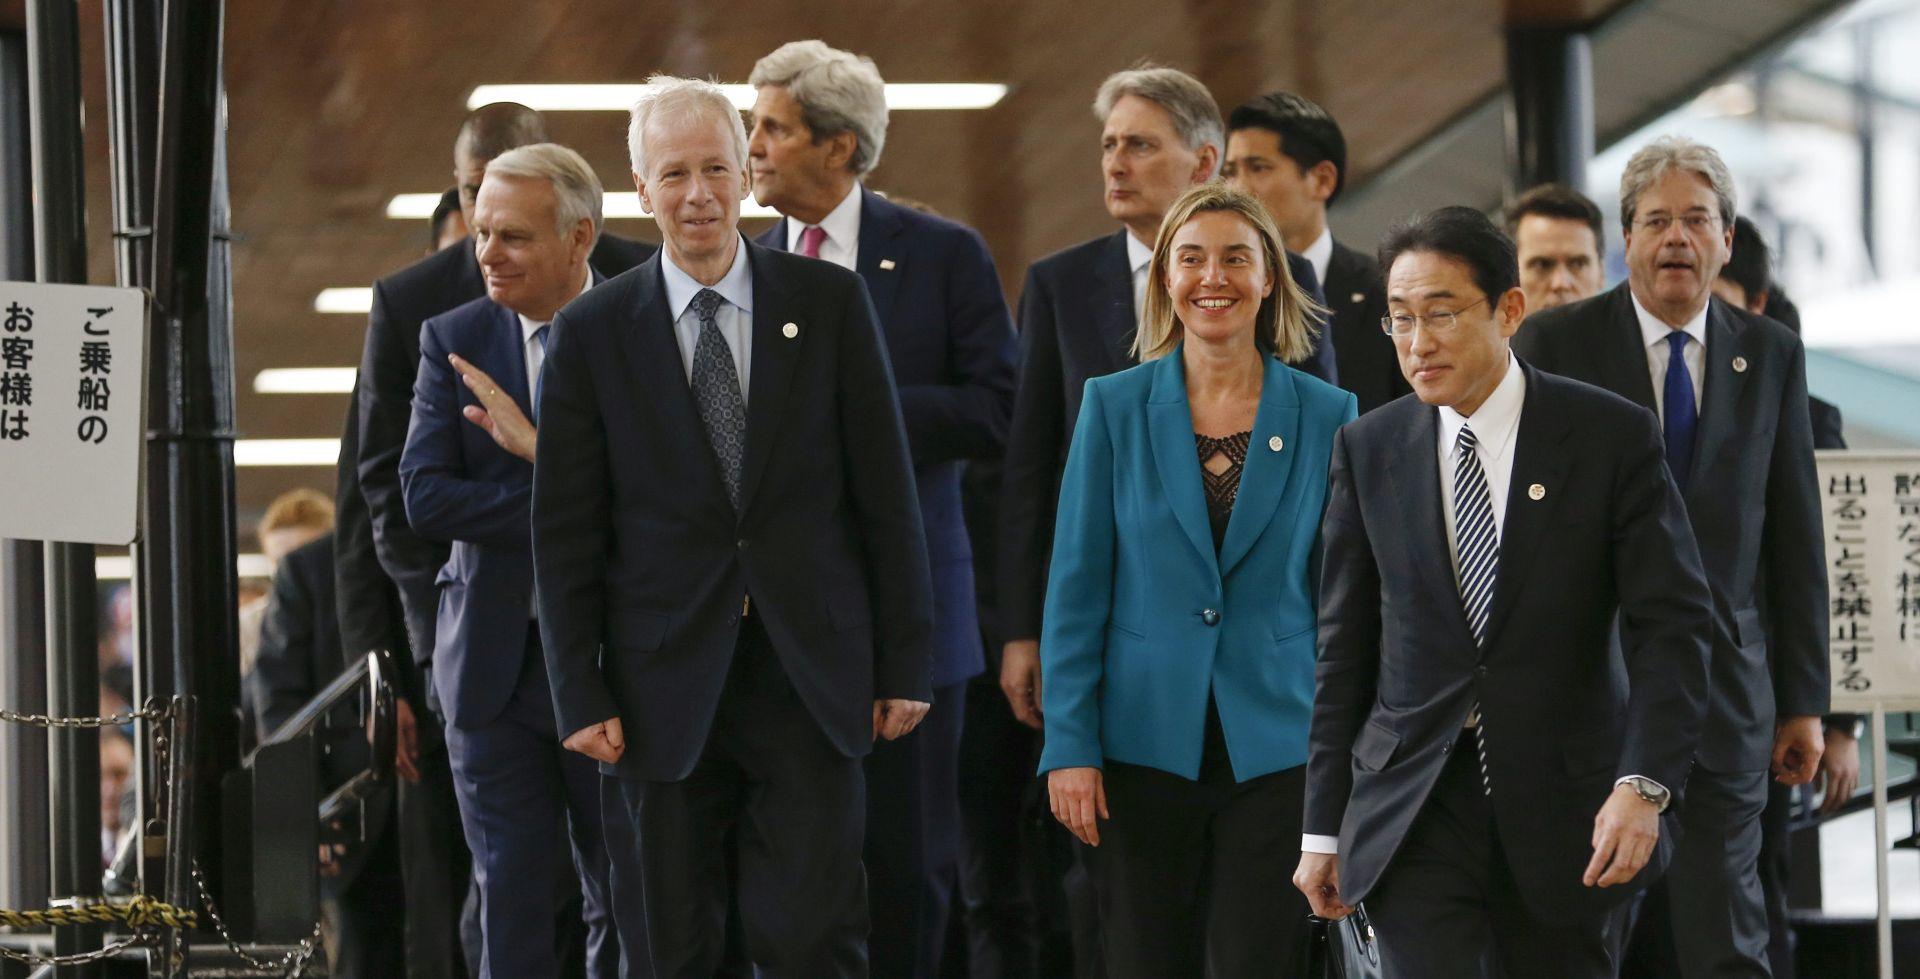 Japan: Ministarski sastanak G7 o terorizmu, izbjeglicama i ratnim žarištima